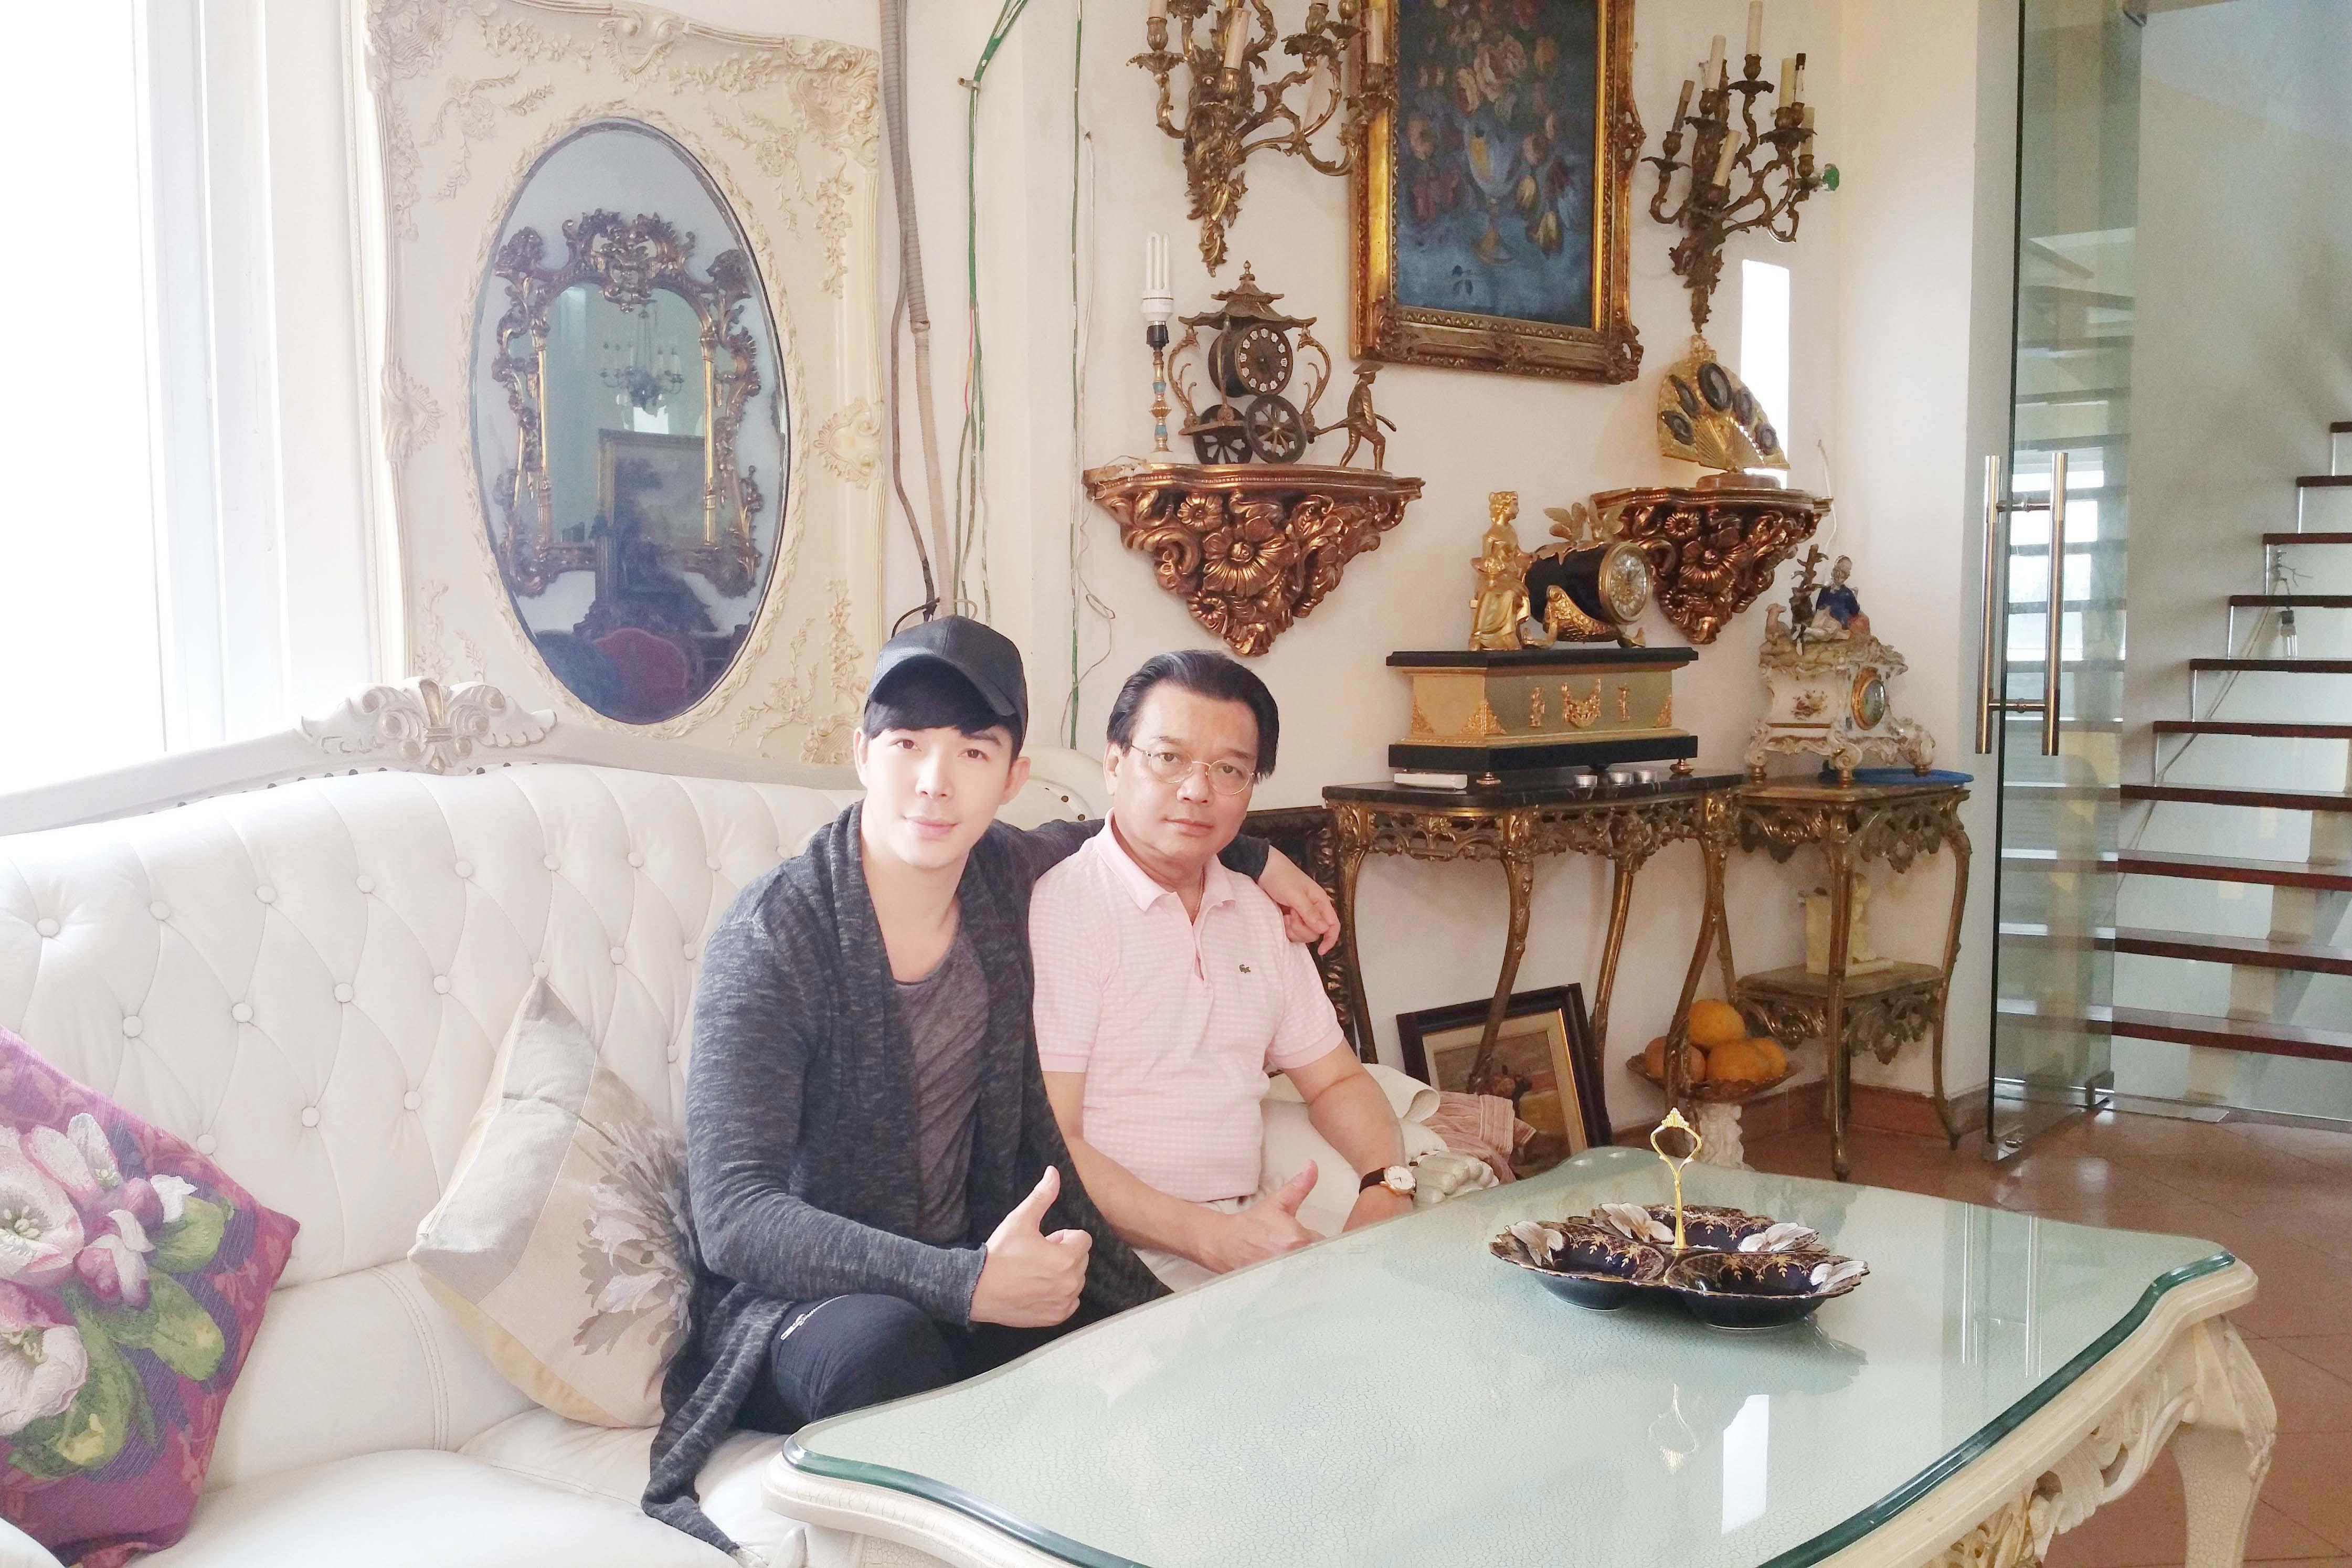 Nathan Lee khoe ảnh độc cùng người cha đại sứ Trương Triều Dương  2